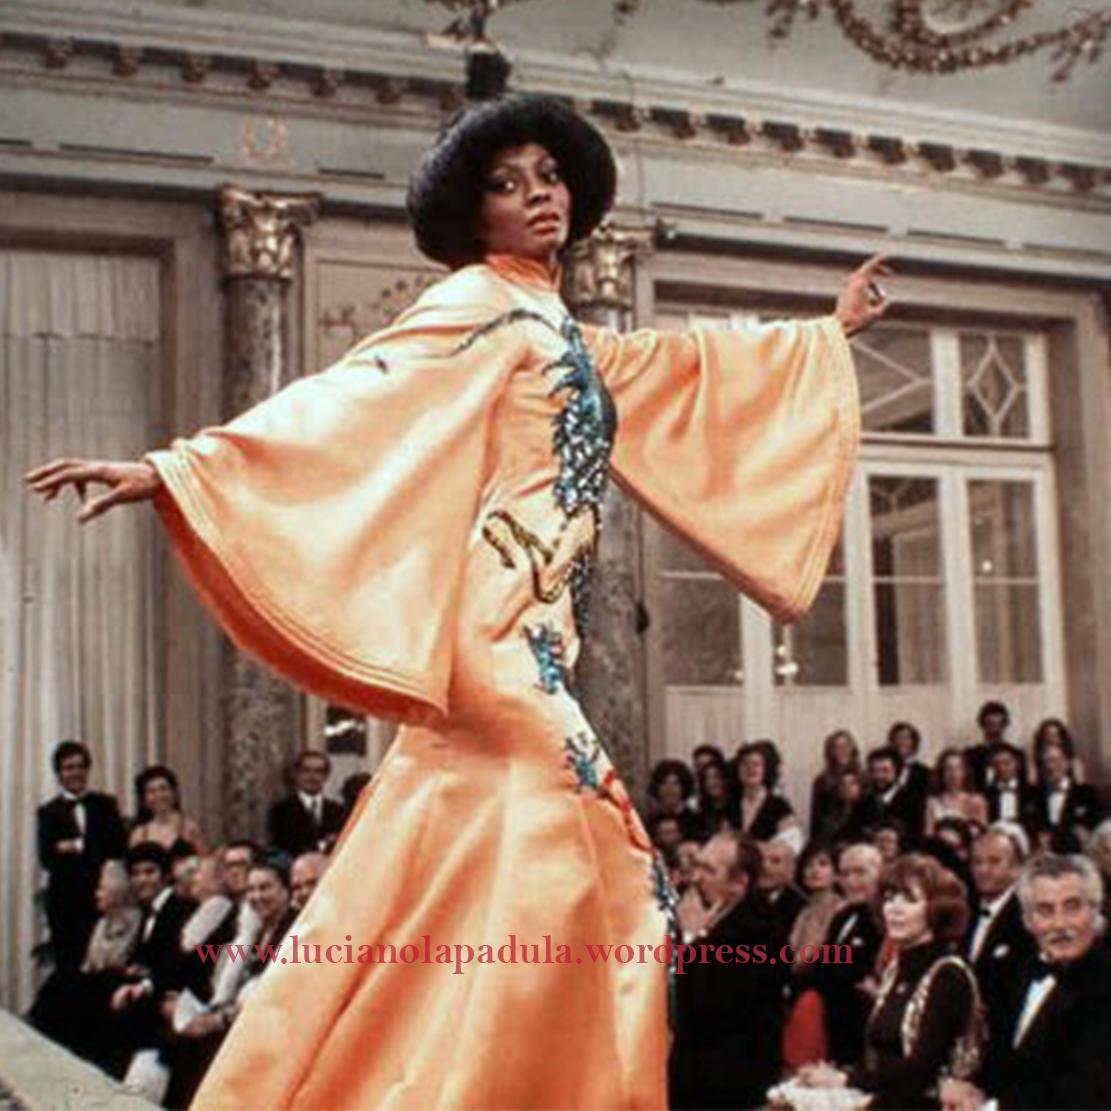 Diana Ross' Mahogany